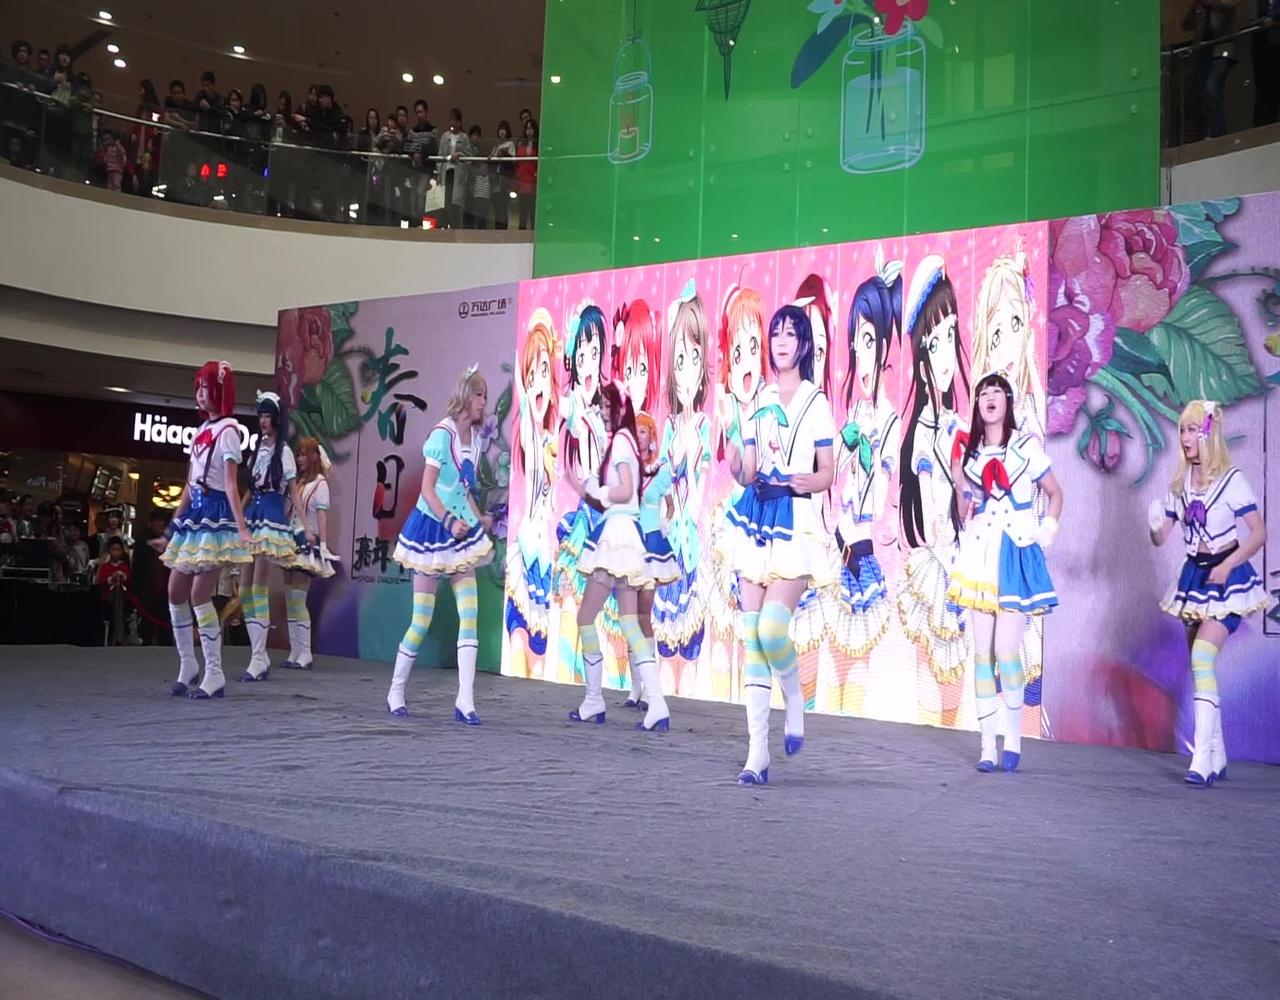 【未蓝】2017CJ超级联赛华东南赛区南京预选赛2017.4.9